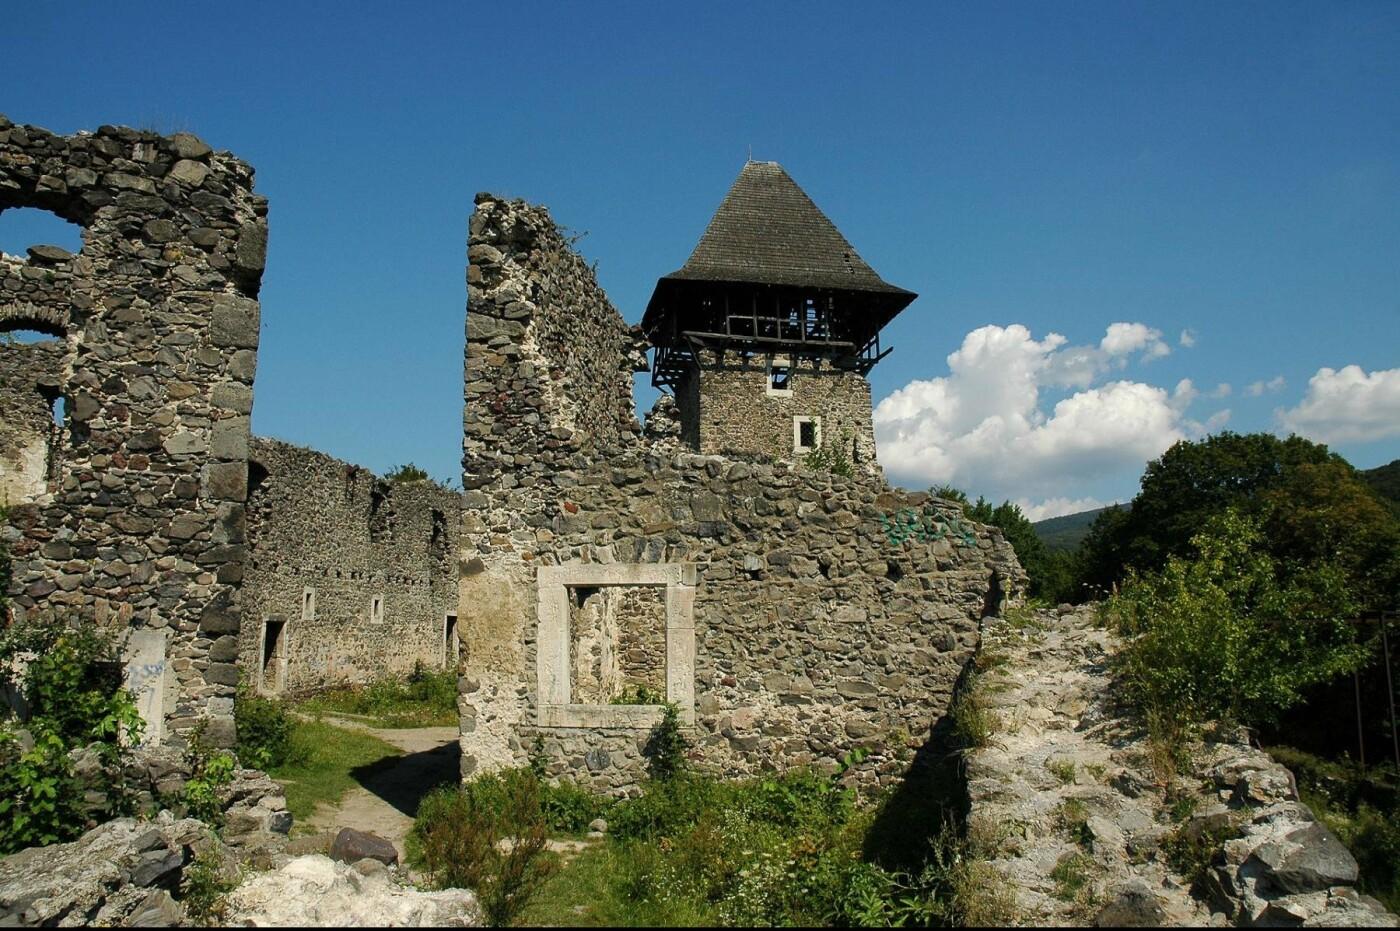 Невероятная Украина. Замки, вкусная еда и винные погреба Закарпатья (КАРТА, ФОТО, ЦЕНЫ), фото-35